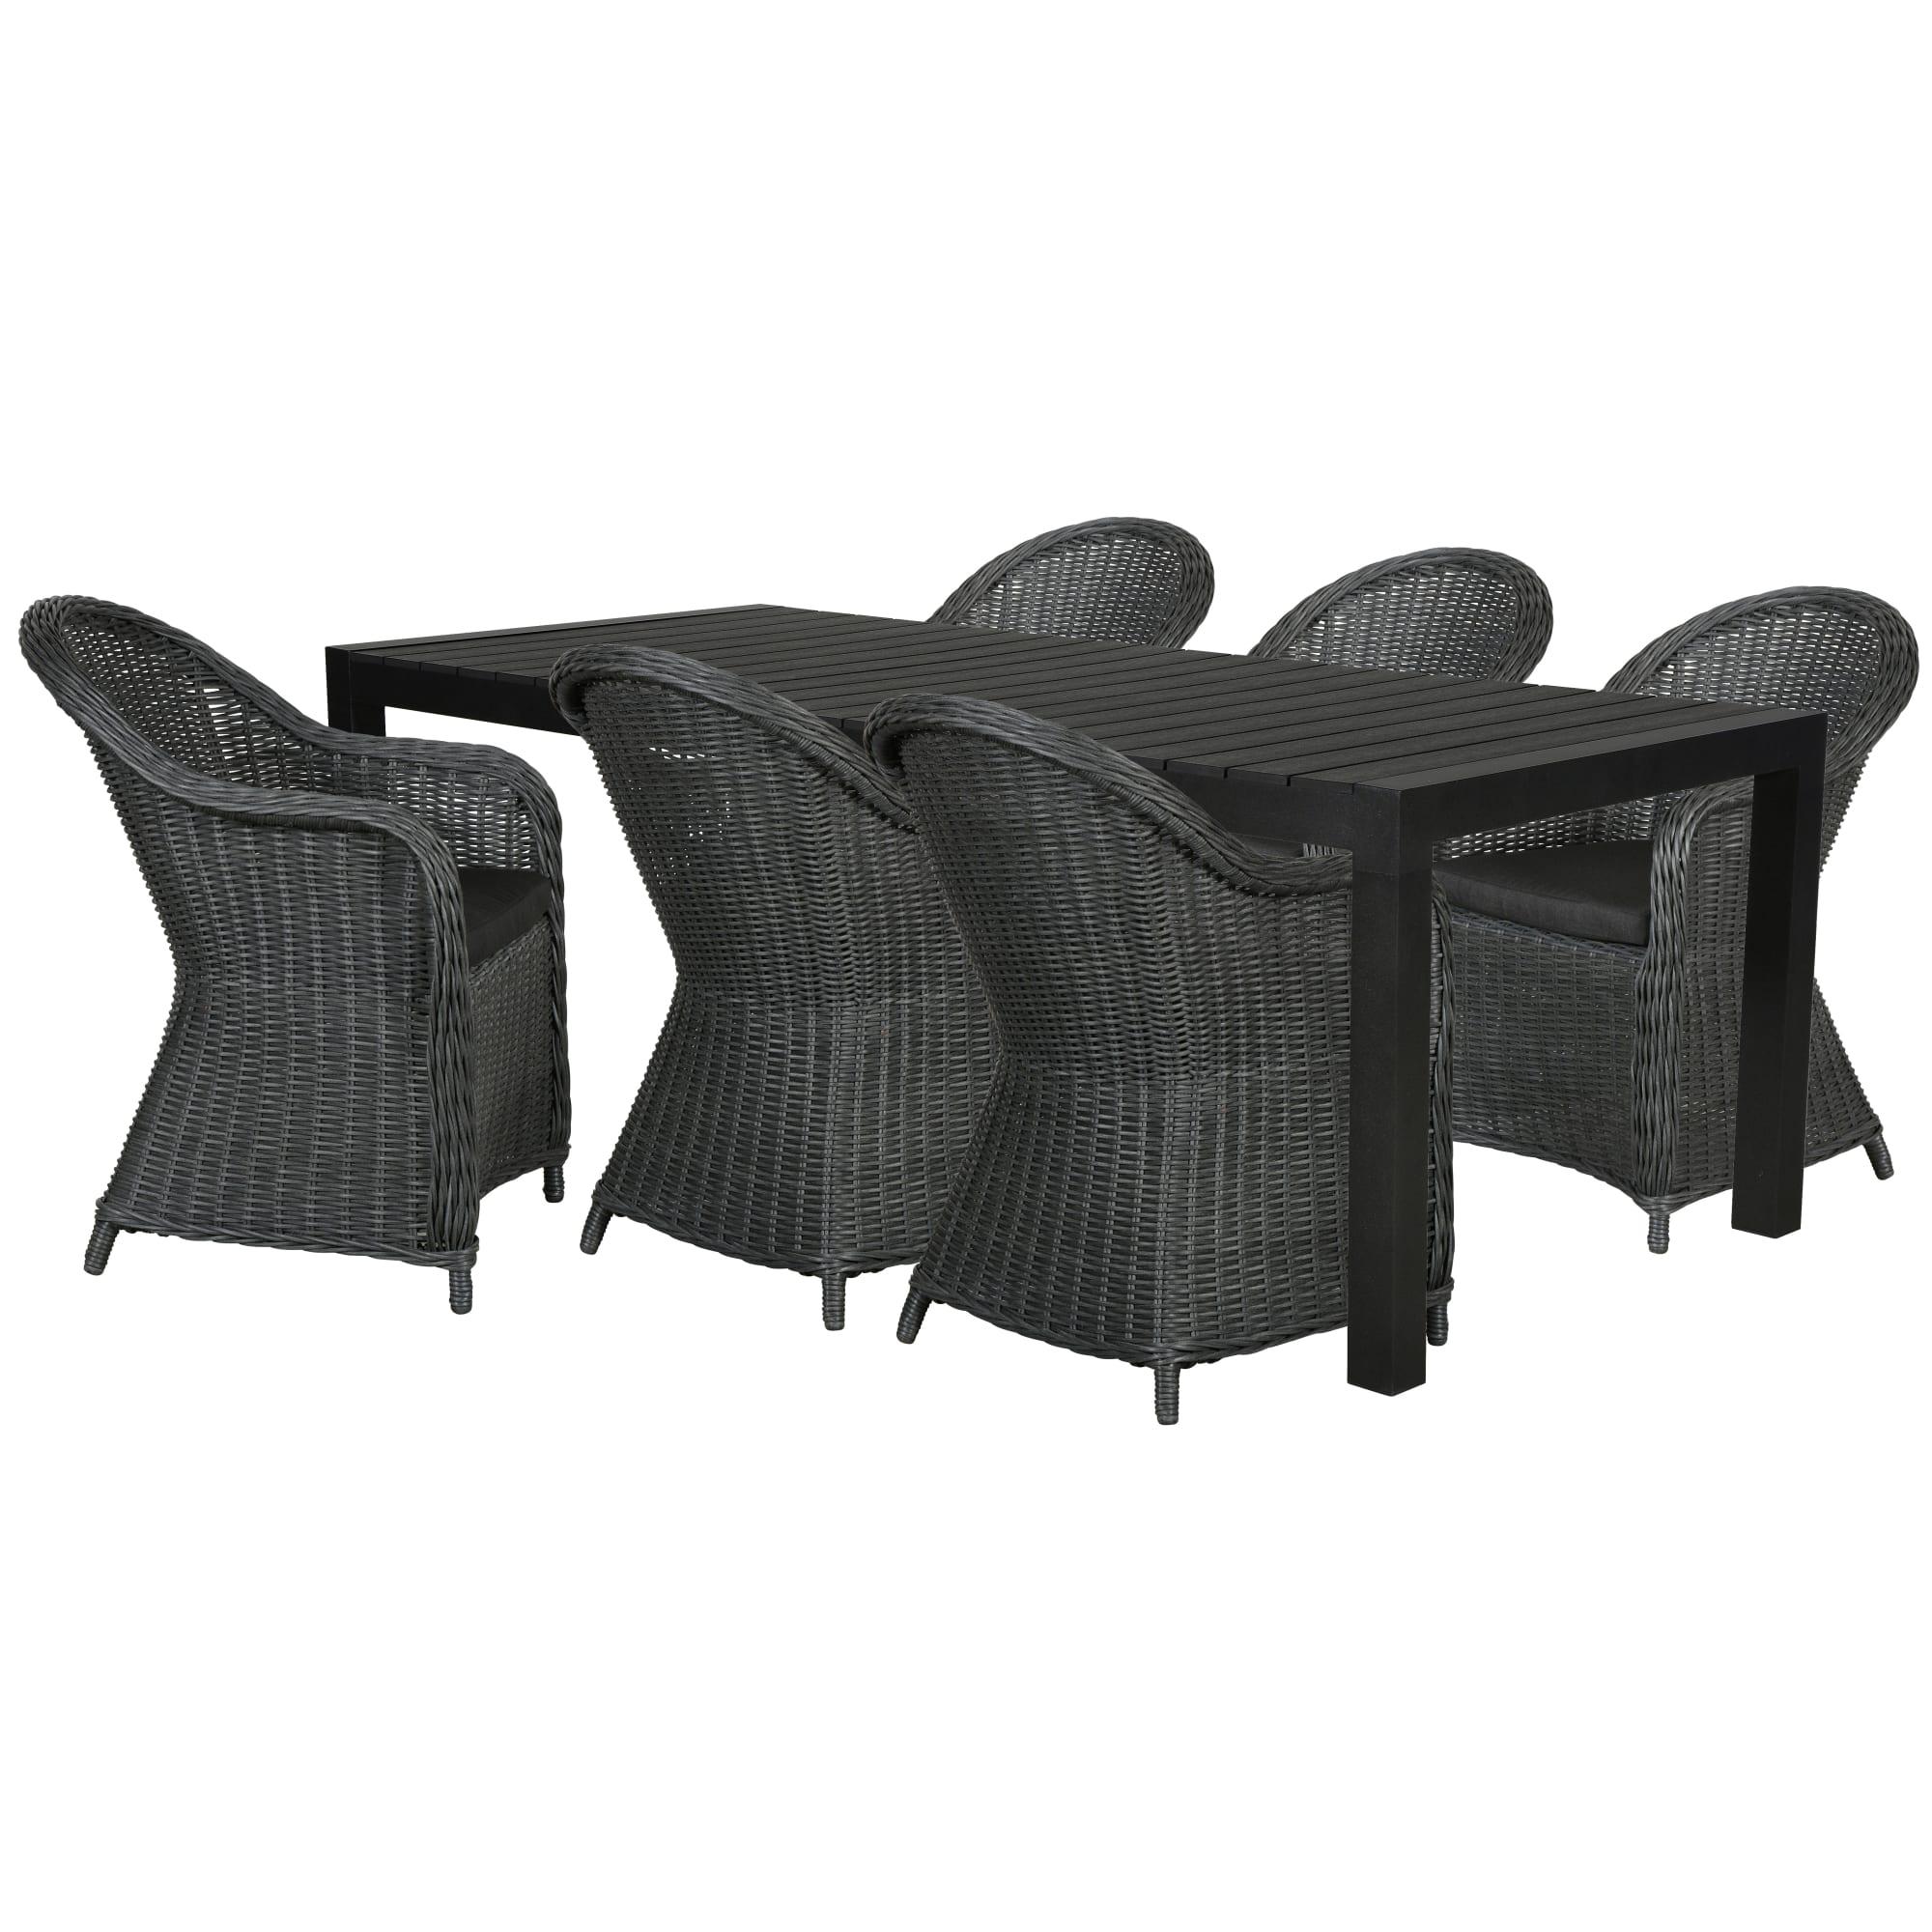 Udtræksbord (L 205-275 cm) og kåbestole inkl. hynder